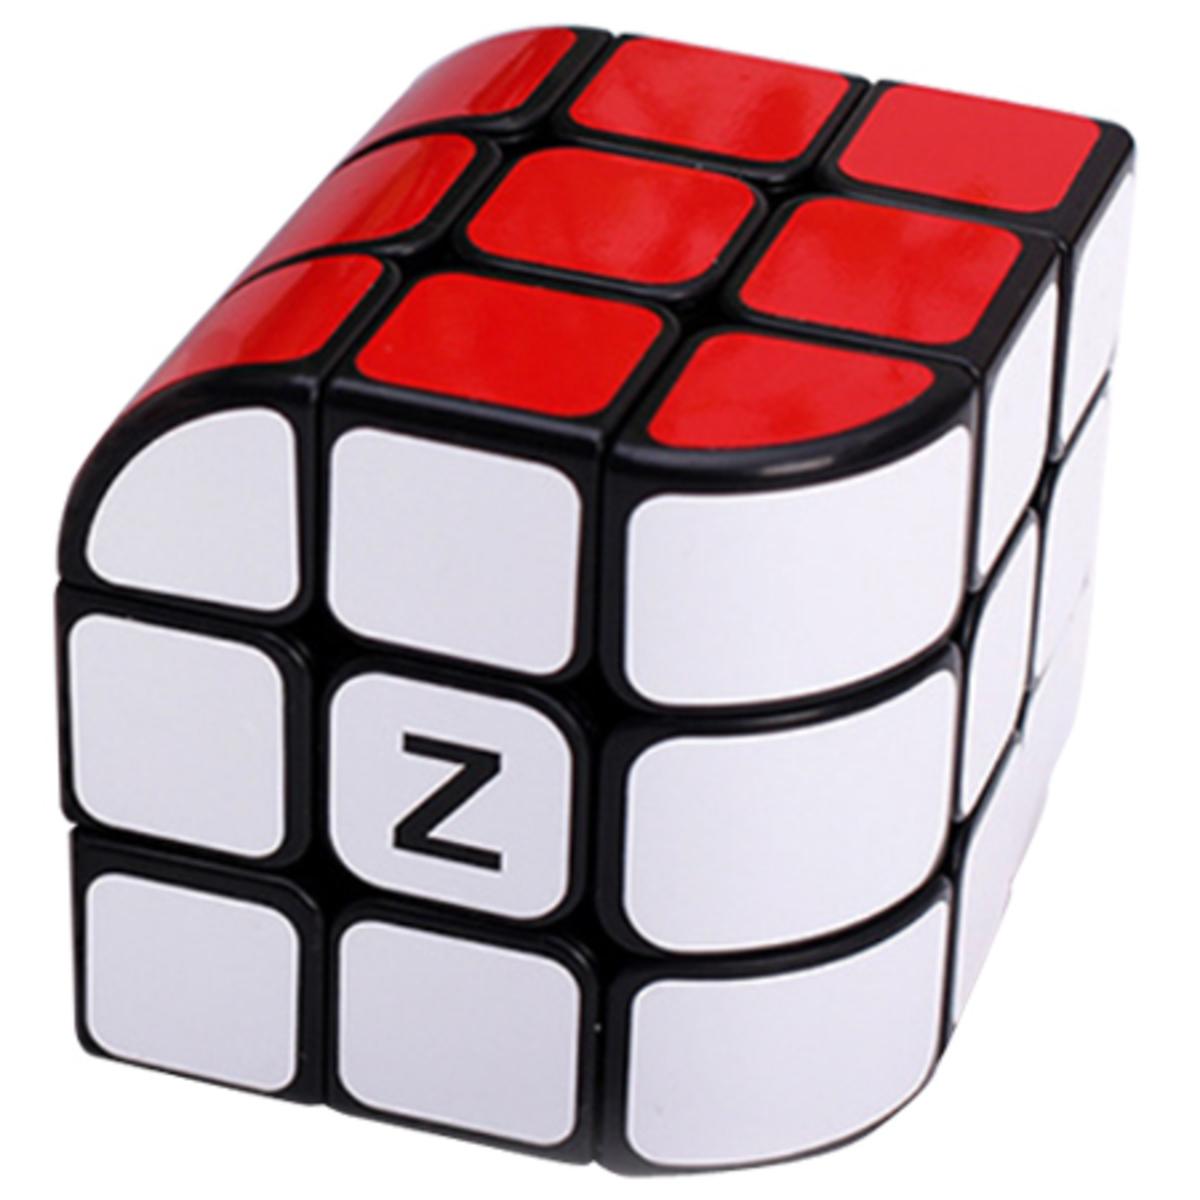 3x3x3 Penrose